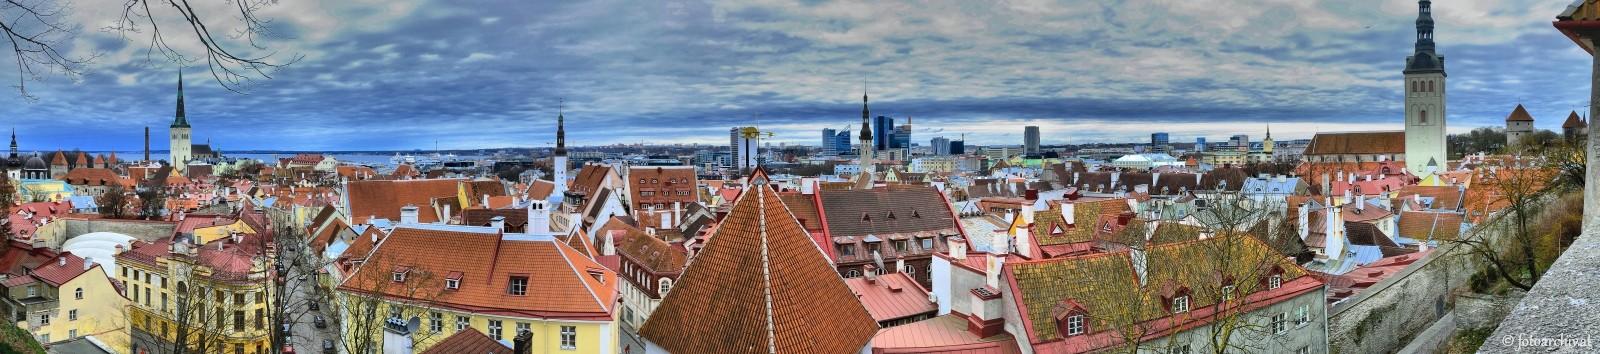 Tallinn/Estland 2014 - Nikon D5100